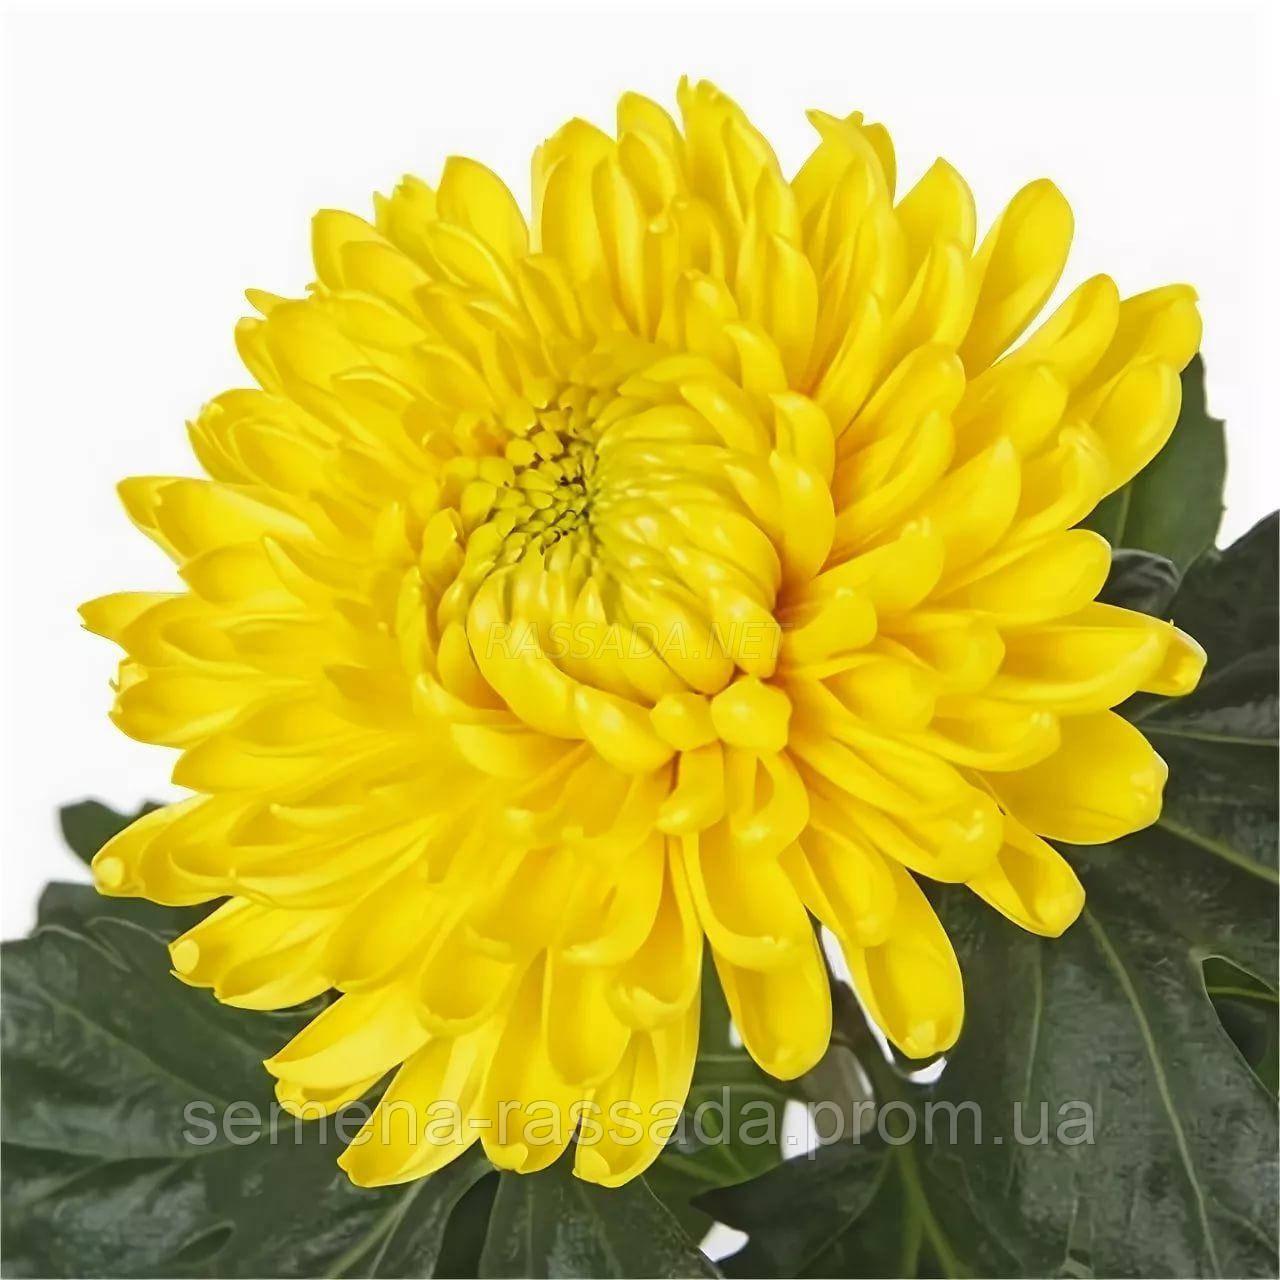 Хризантема Магнум жёлтая Черенок 2-5 см